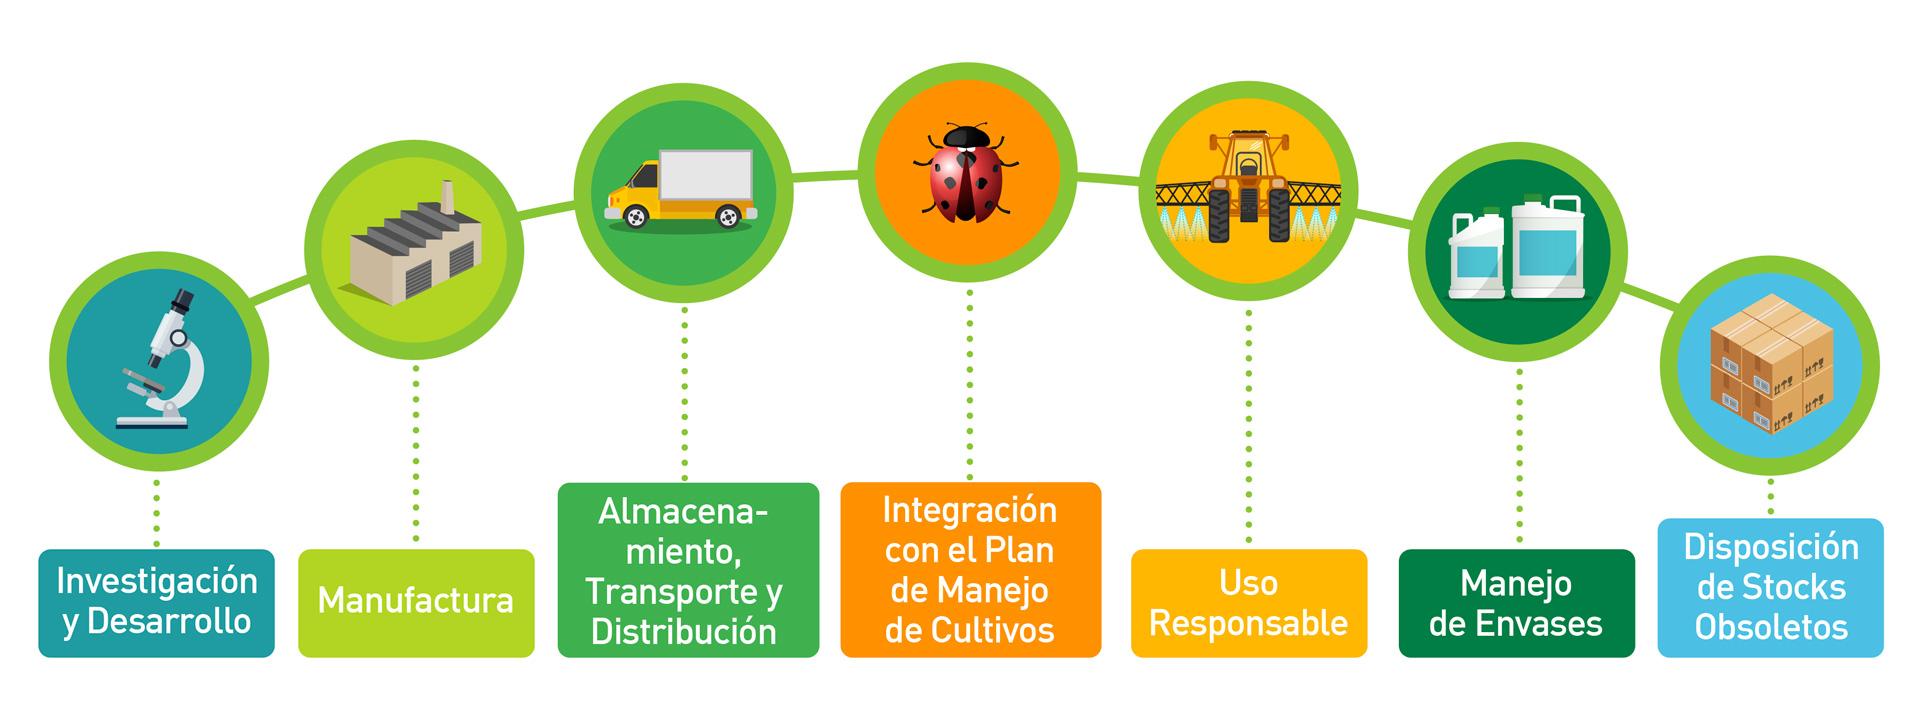 Buenas prácticas agrícolas. Fuente: CropLife Latin America